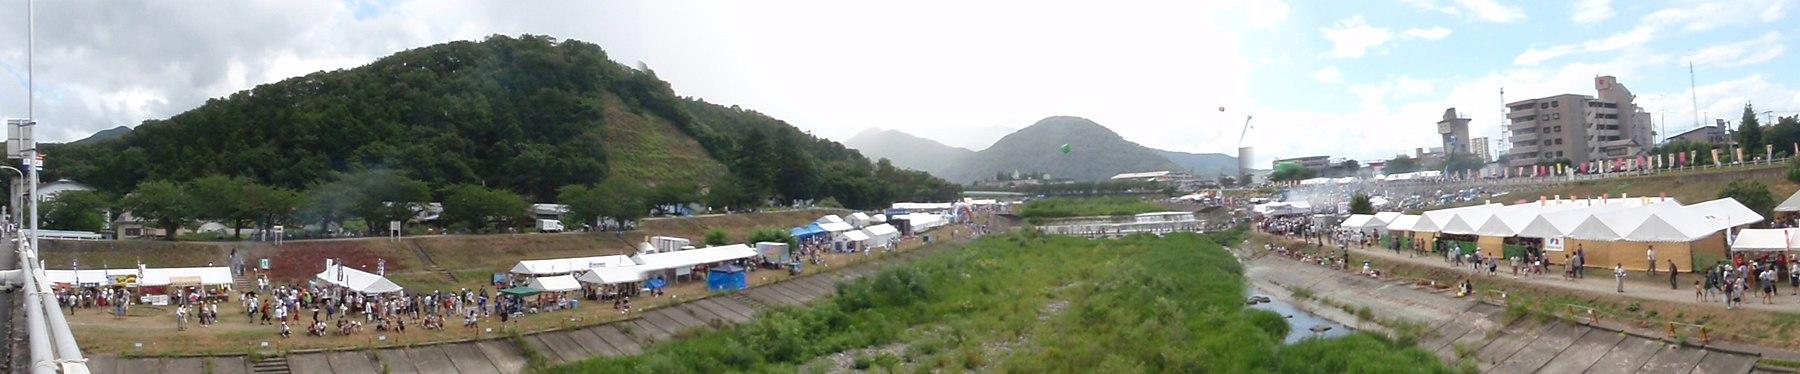 日本一の芋煮会 - panoramio.jpg